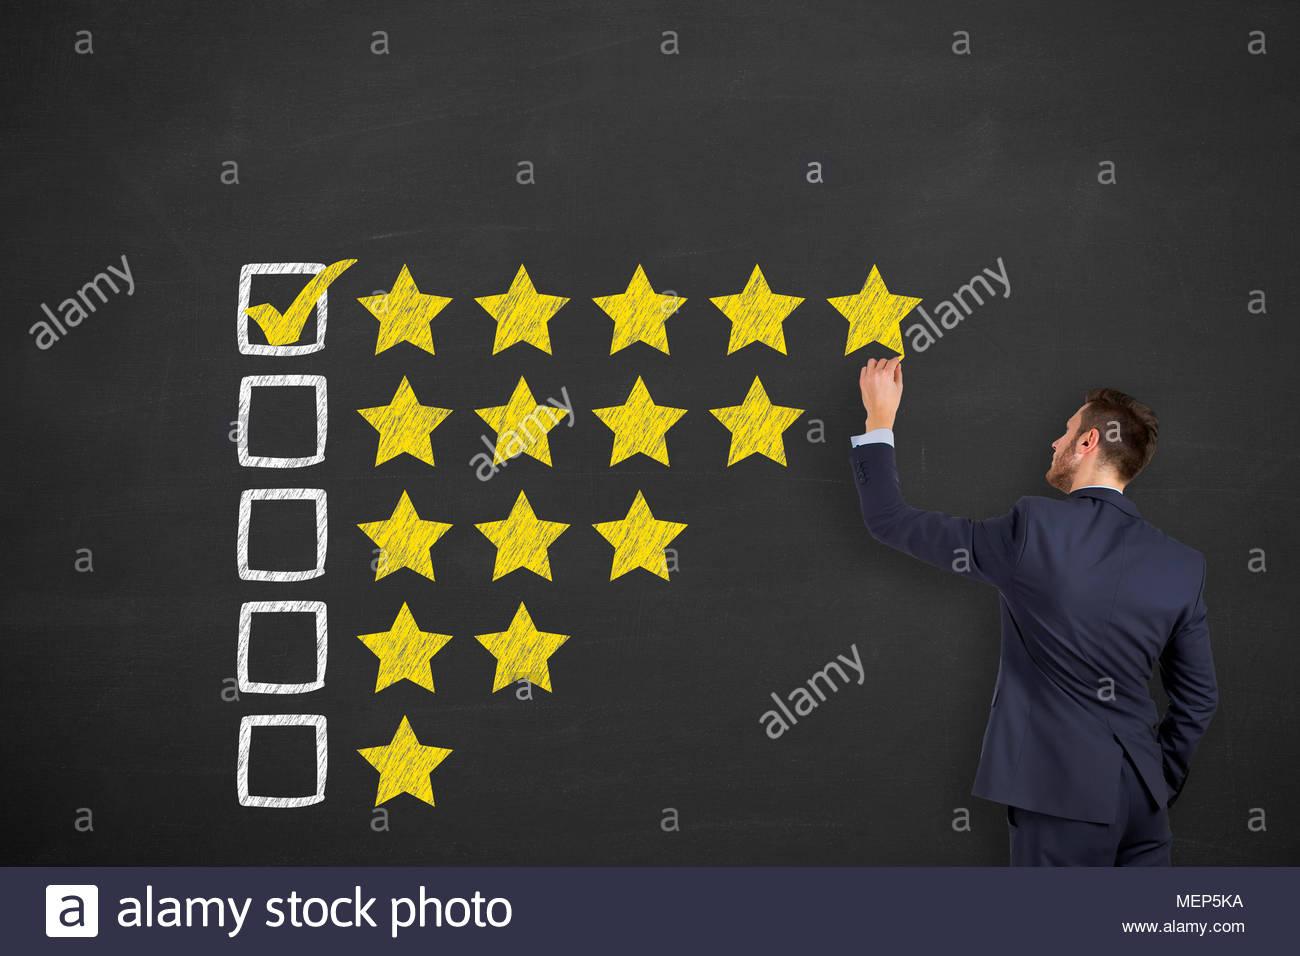 Ufficio Scrivania Questionnaire : Questionnaire internet customer satisfaction immagini